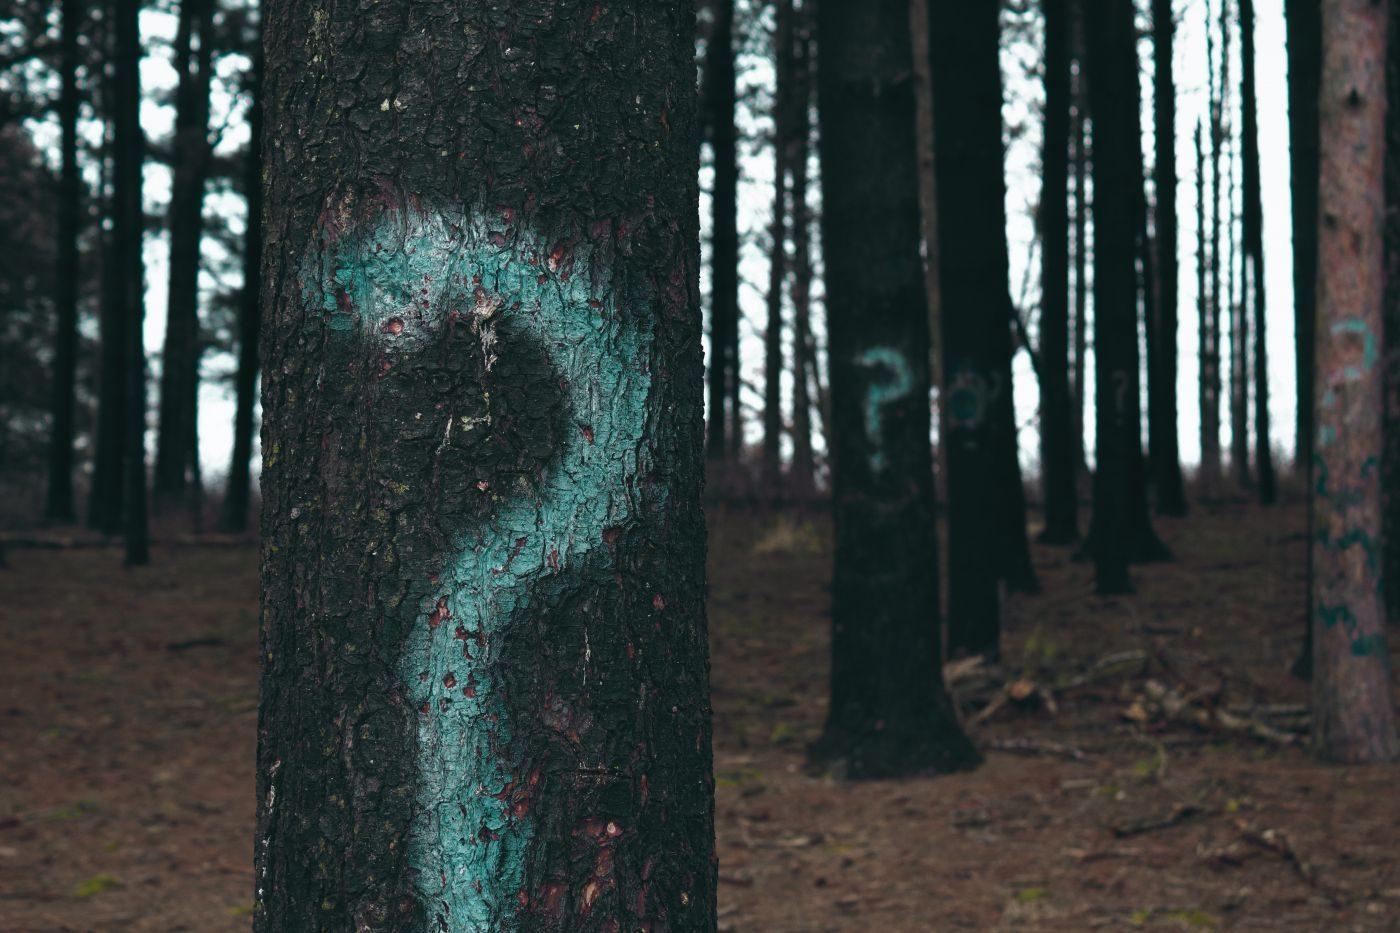 la question de l'avenir de la Finance dans l'entreprise écrite sur un arbre